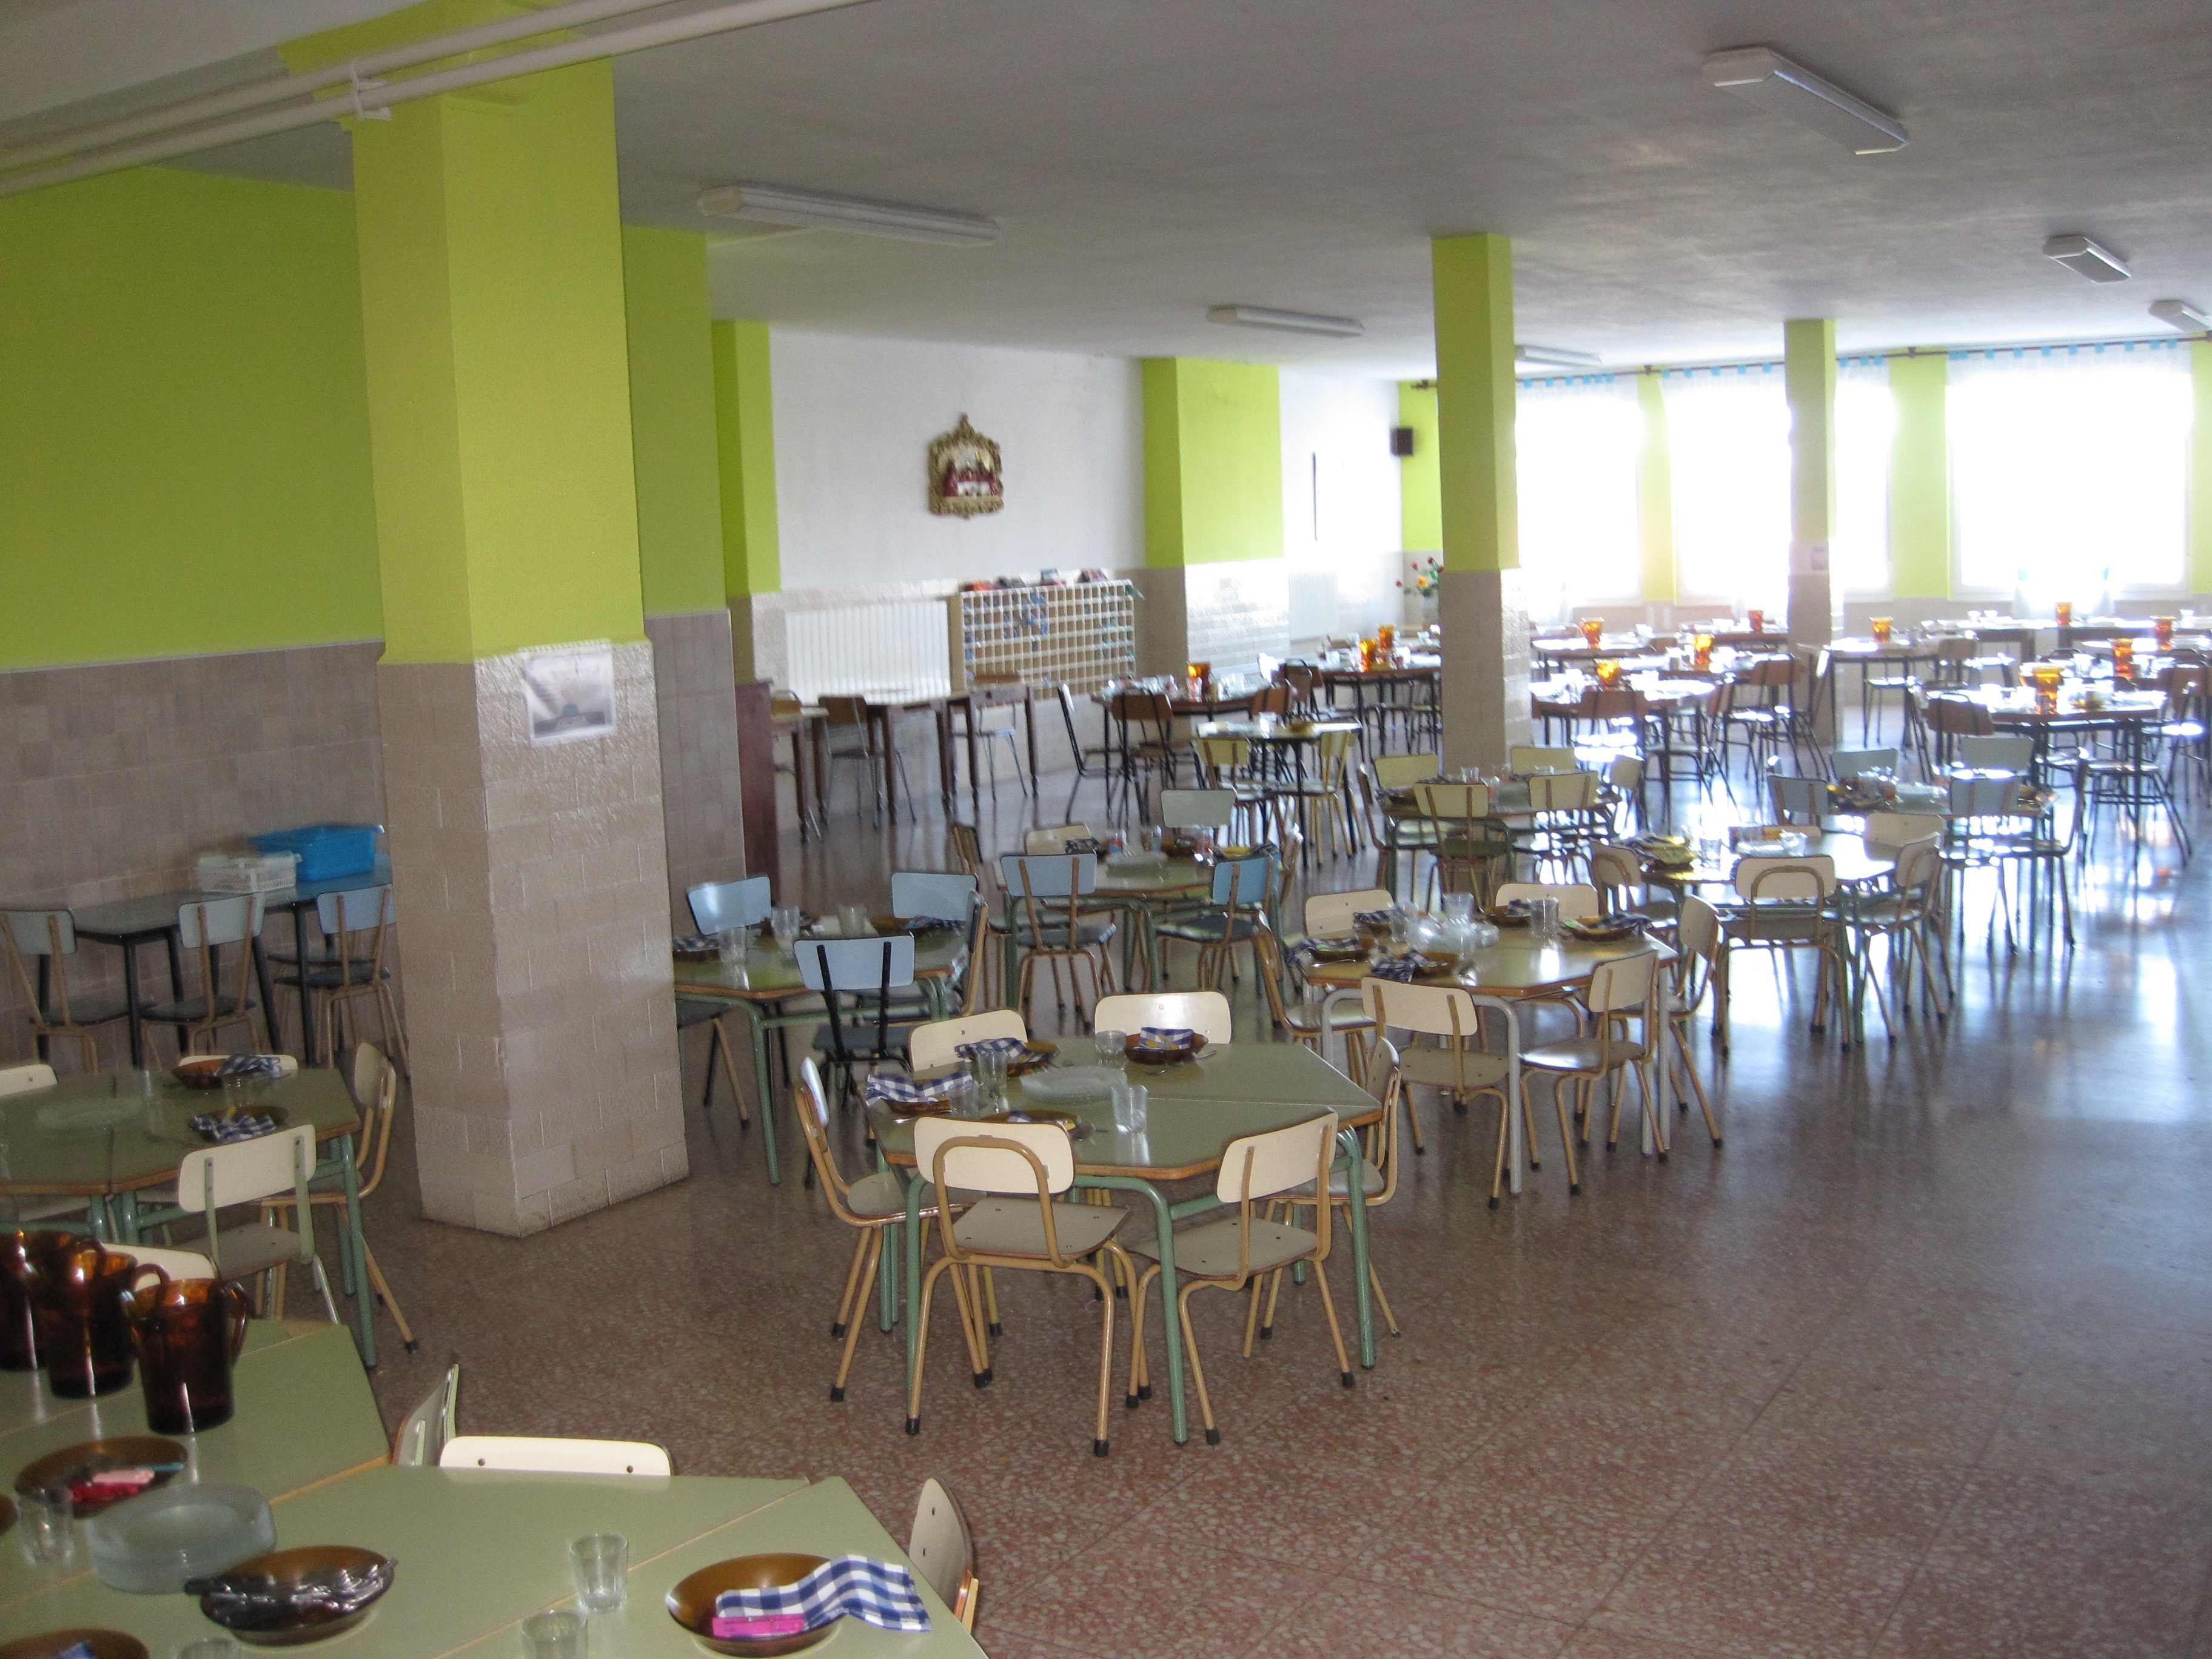 Colegios con comerdor en Polanco Torrelavega Colegio la MIlagrosa COMEDOR